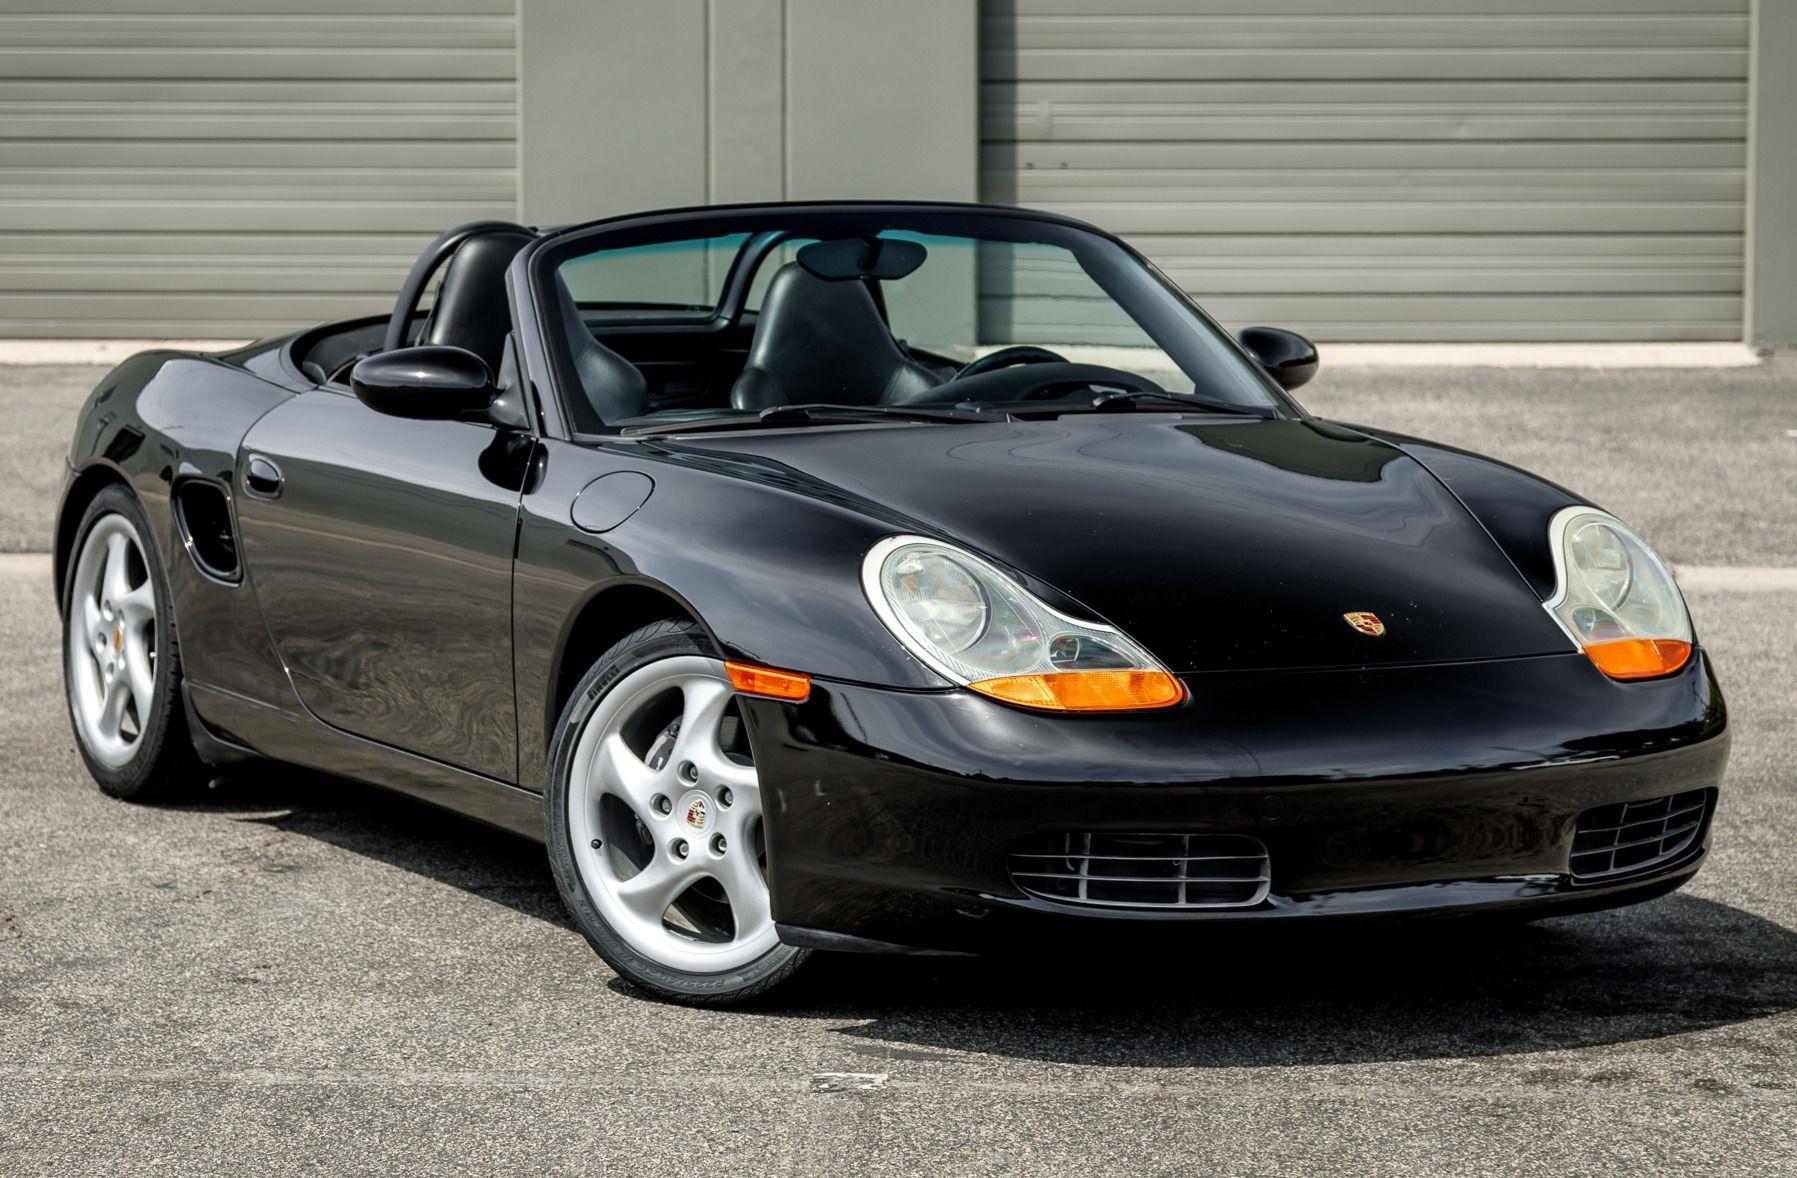 250 Porsche 2001 And Beyond Ideas Porsche Porsche 911 Porsche Cars